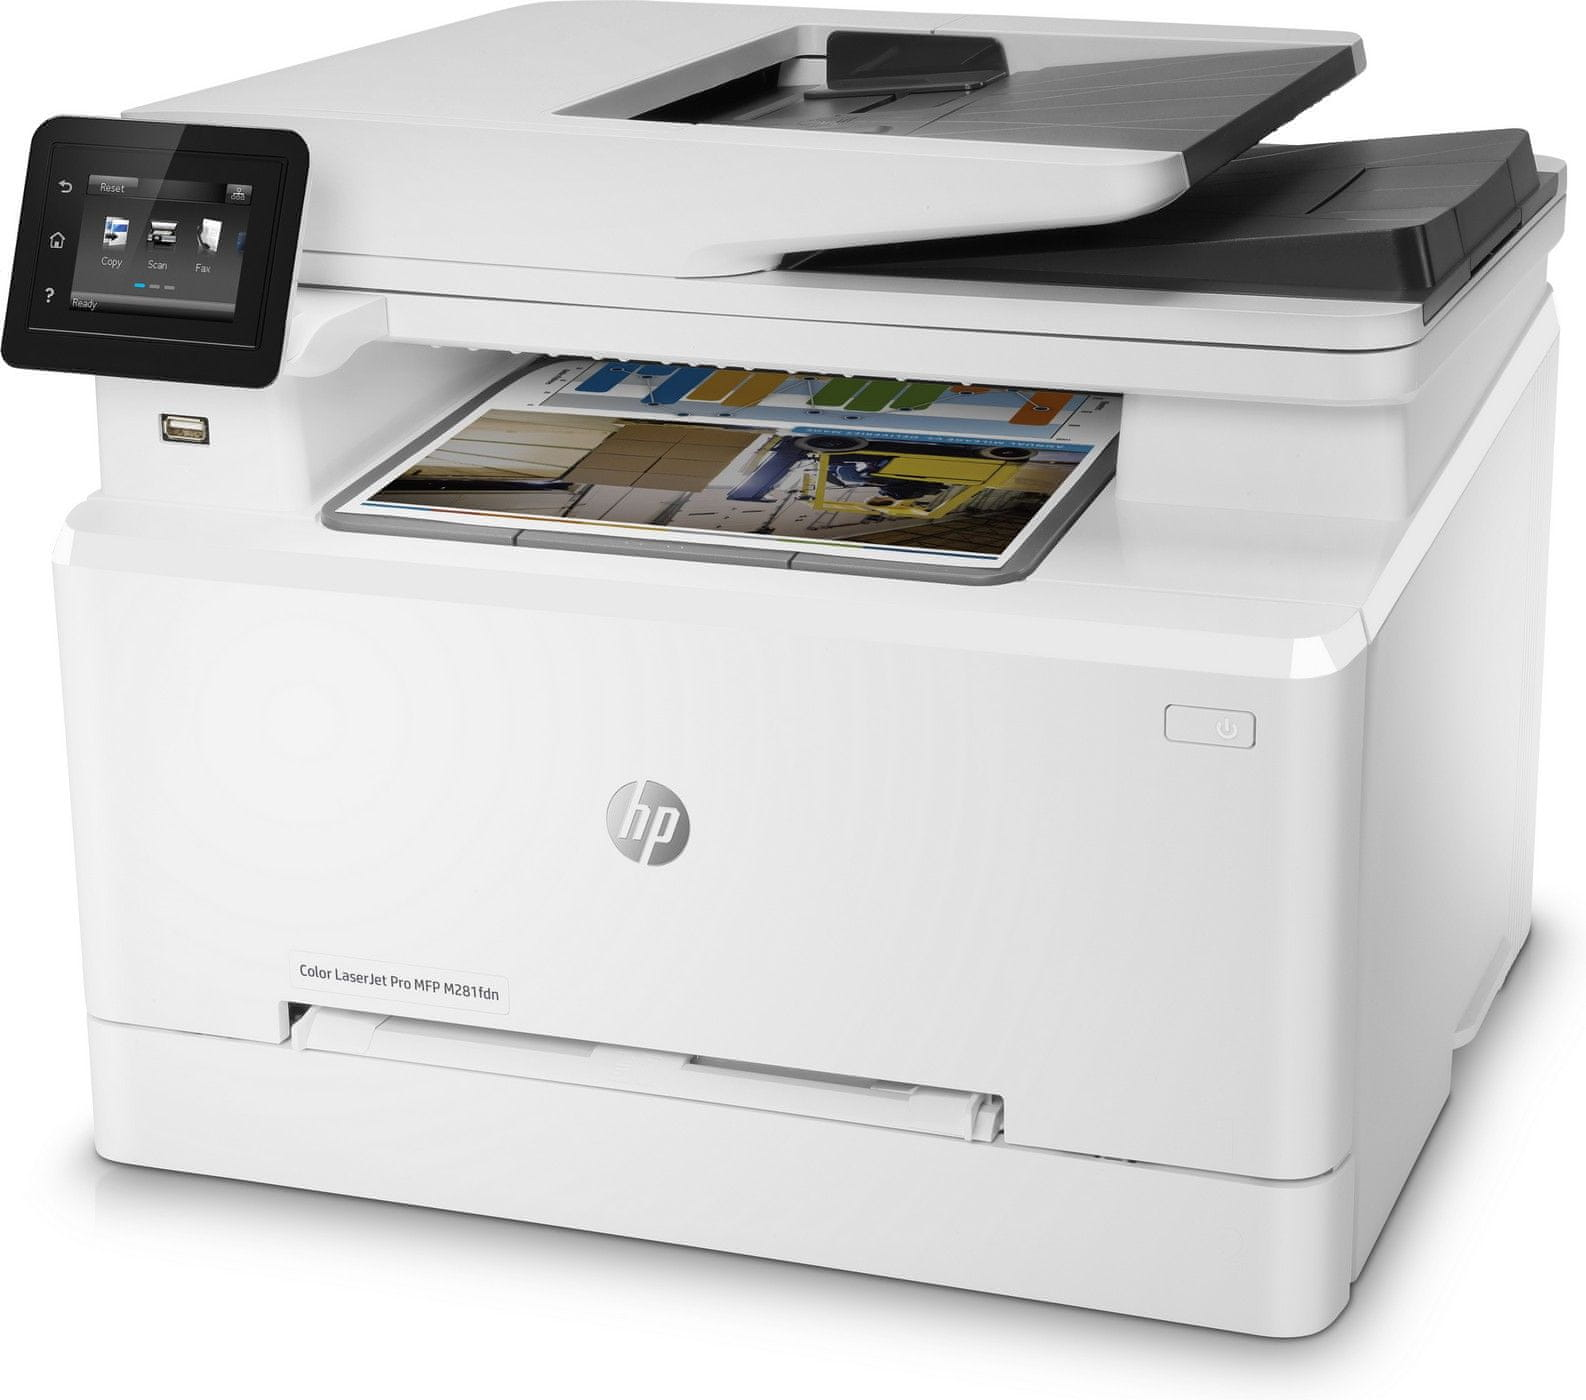 Multifunkční tiskárna HP Color LaserJet Pro M281fdn